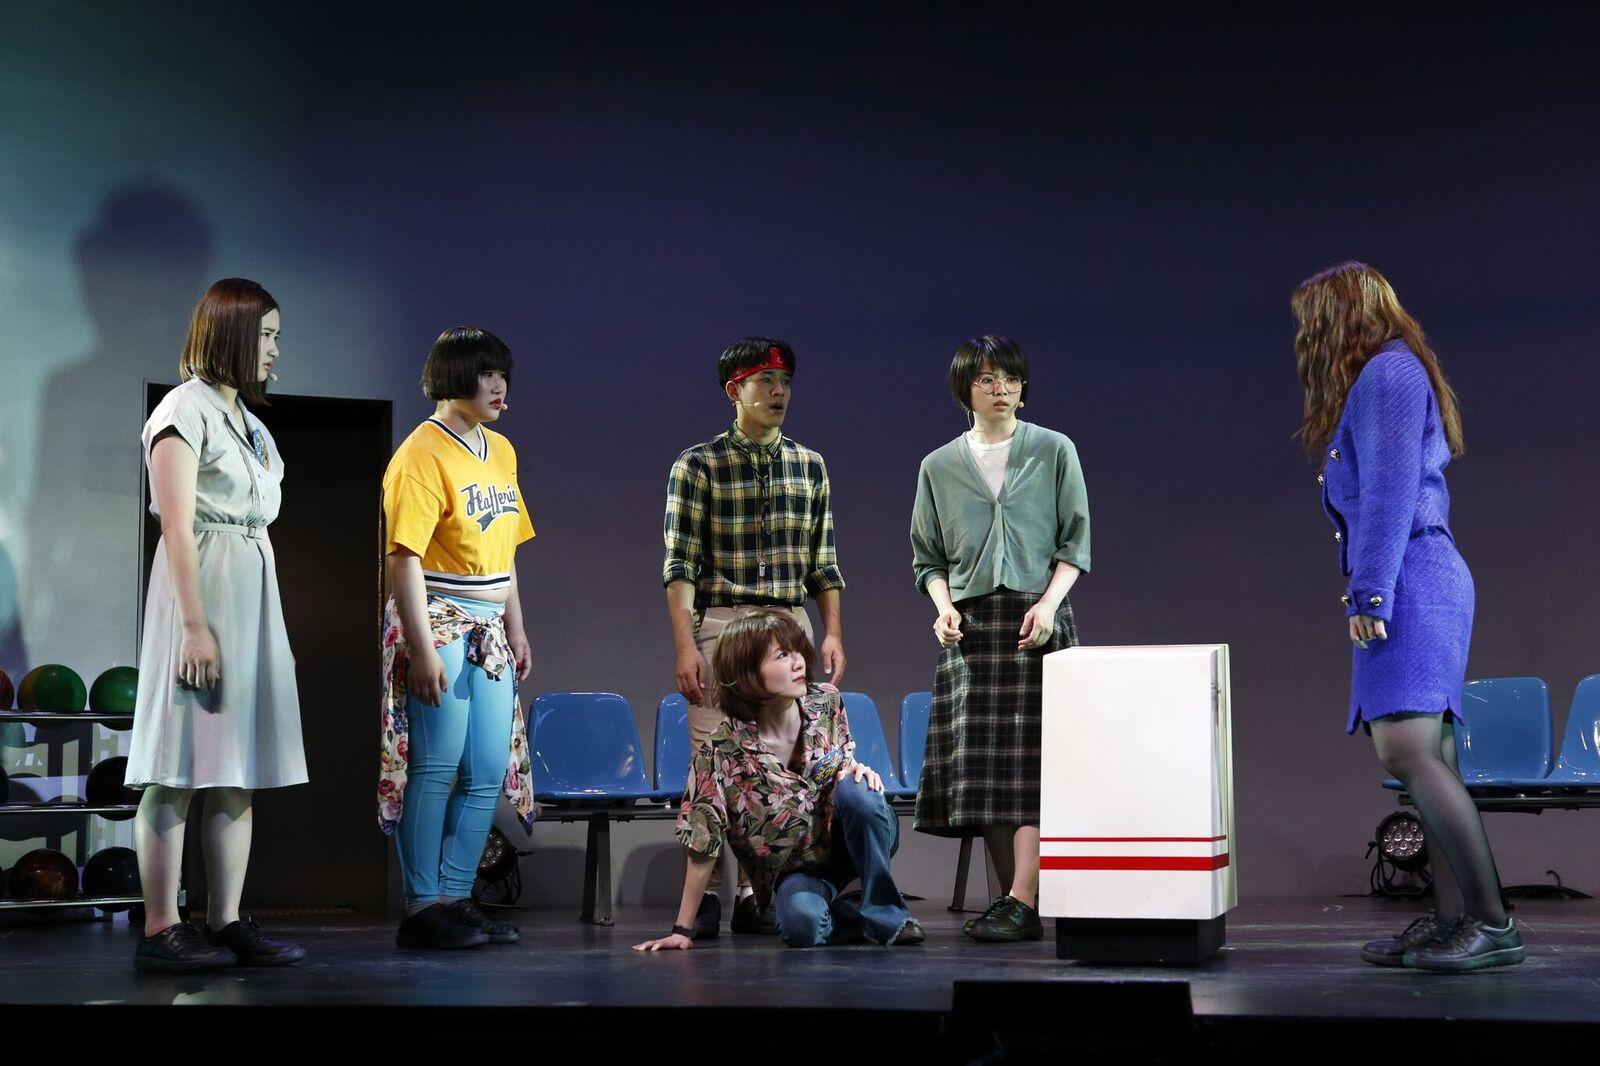 劇団4ドル50セント 週末定期公演 Vol.1舞台写真14